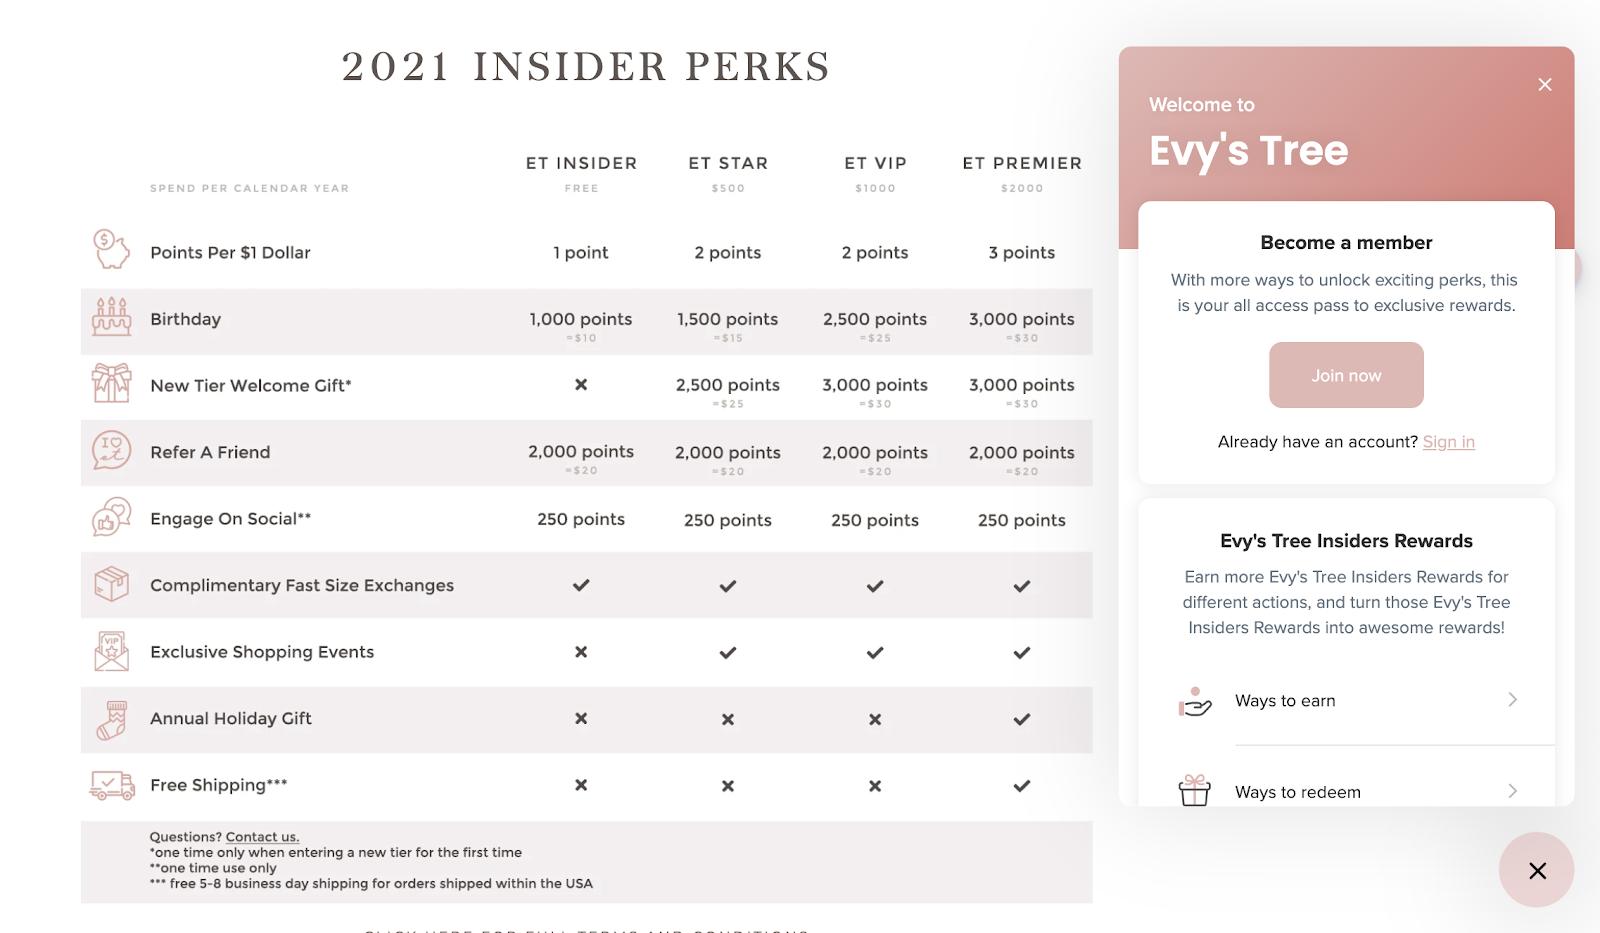 2021 Insider Perks